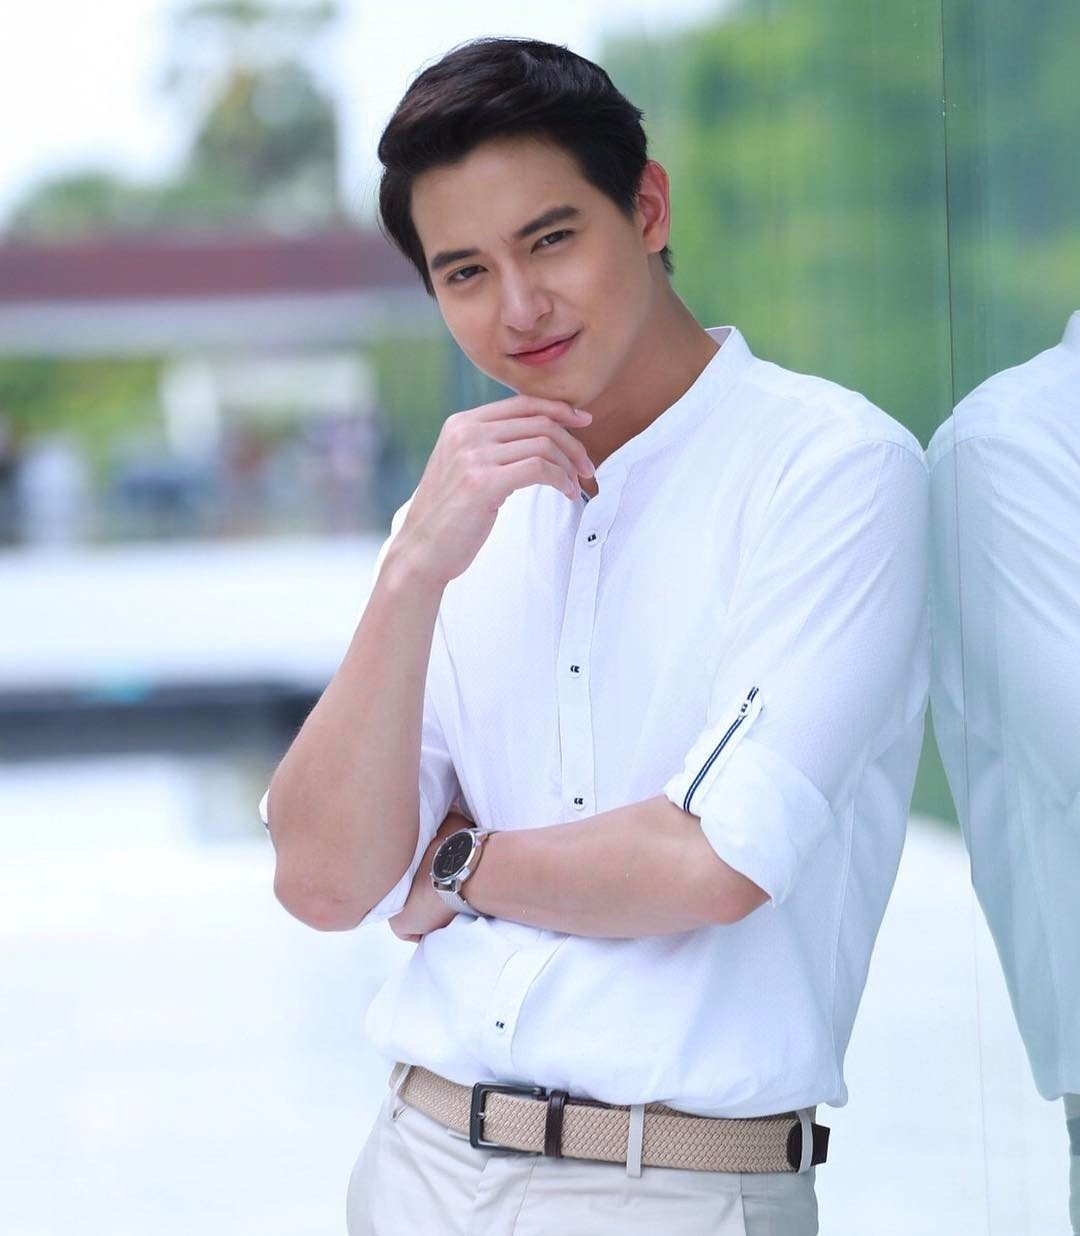 phim-thai-game-sanaeha-tro-choi-tinh-ai-se-len-song-256 14